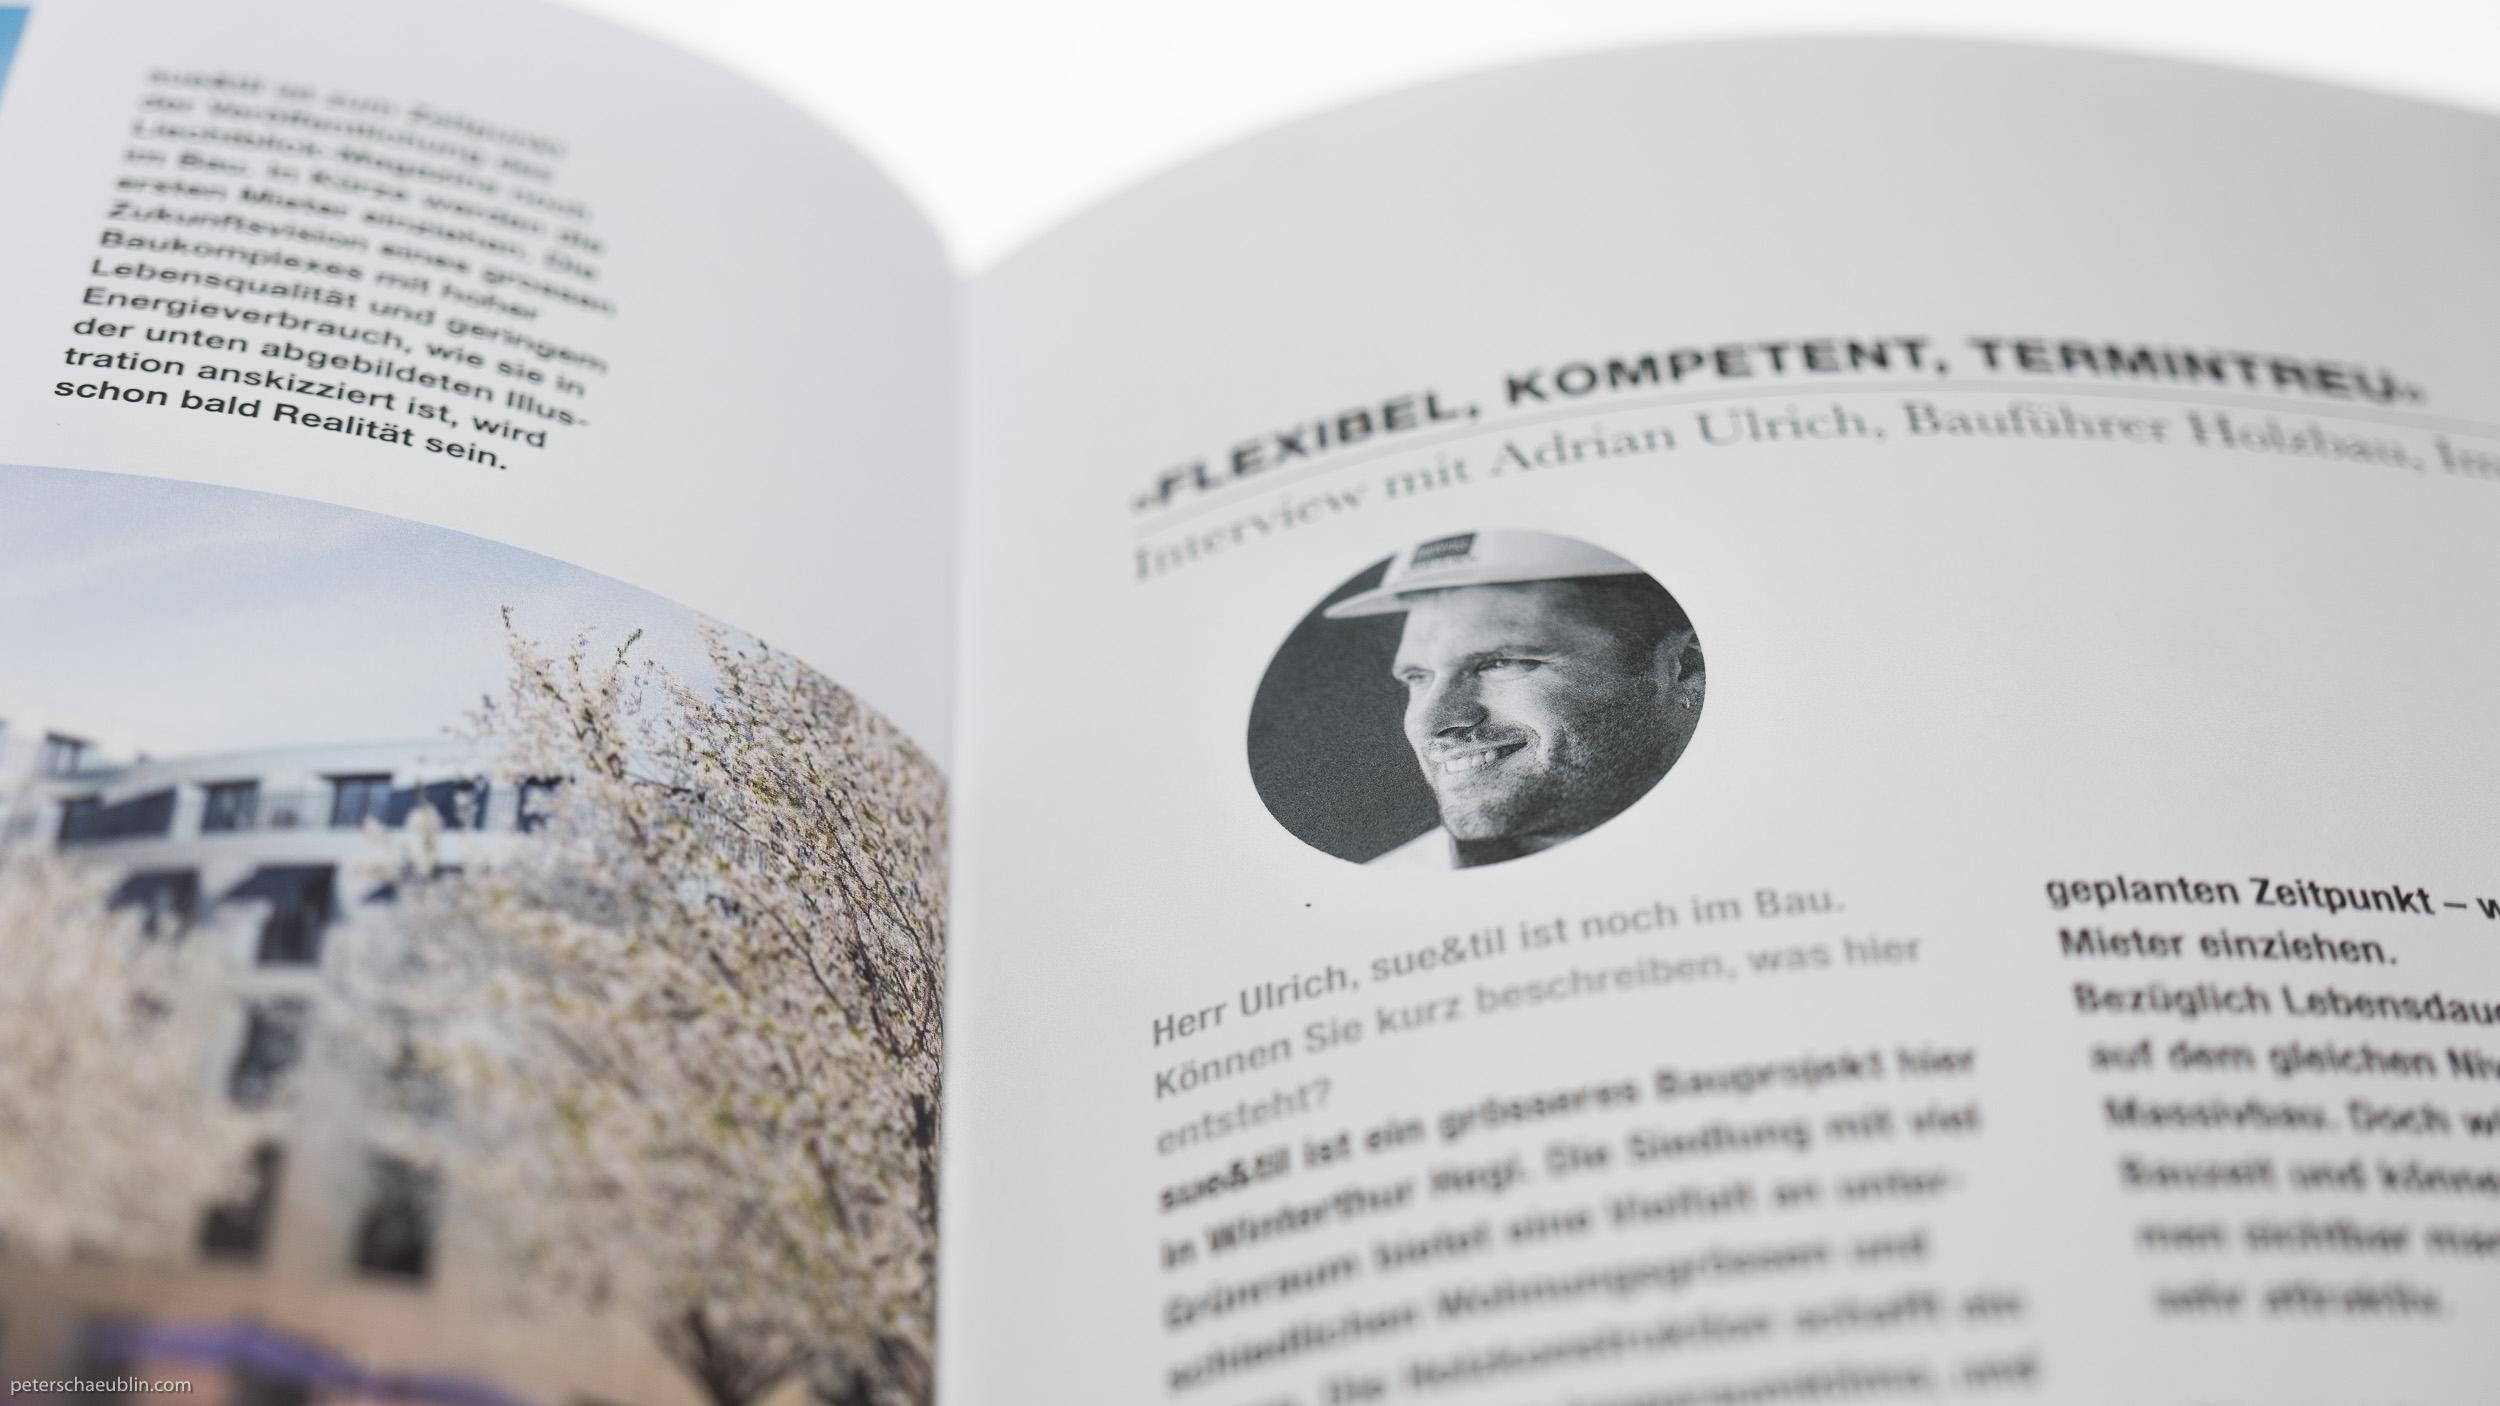 20180213_liechtblick-magazinP1180268.jpg